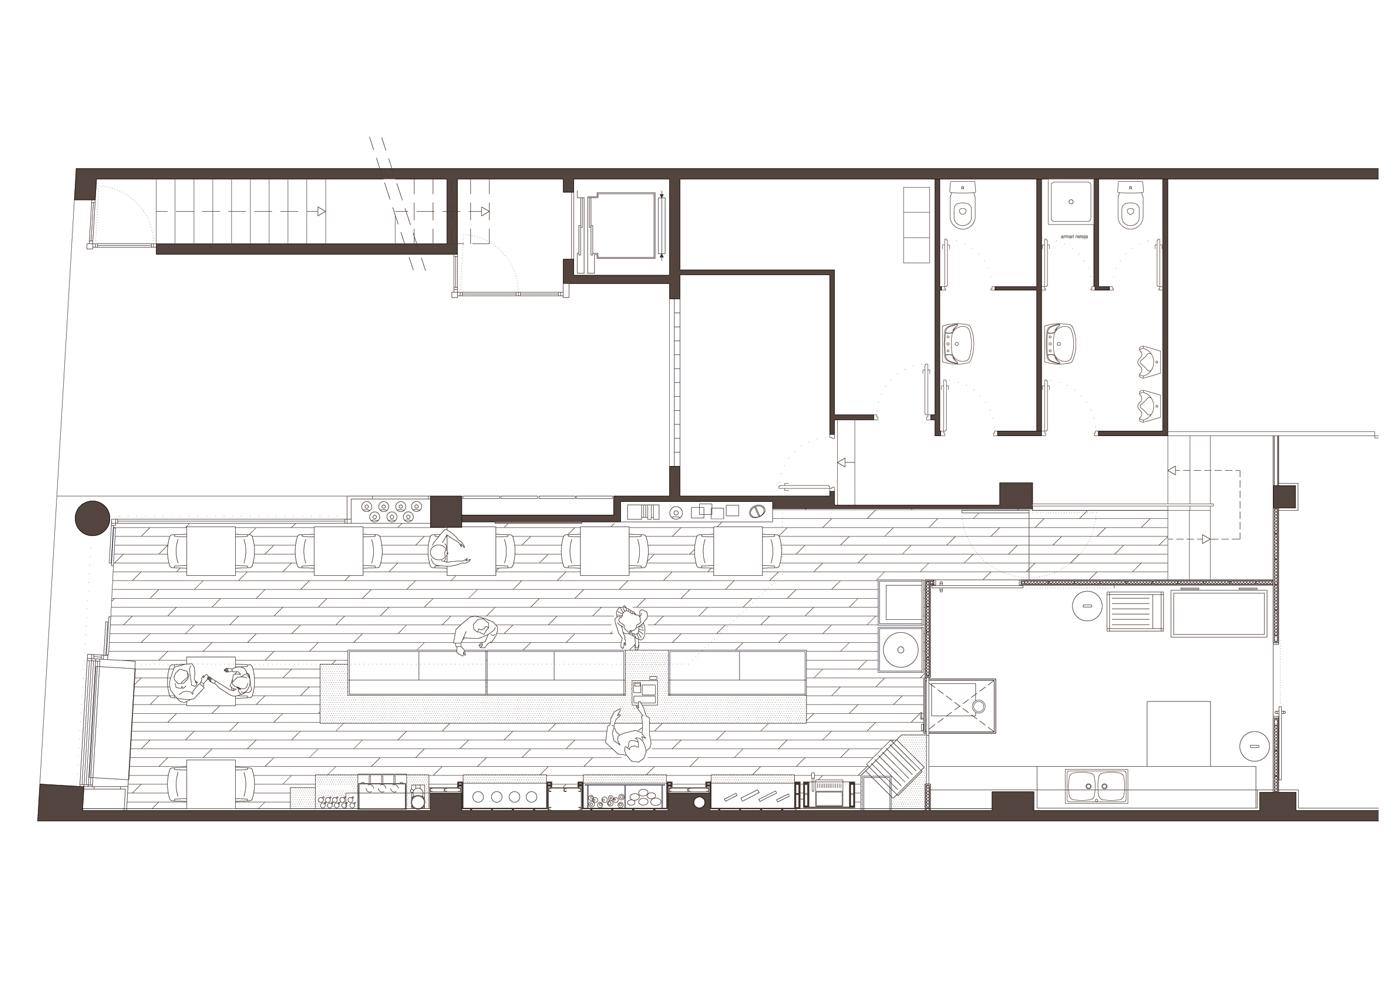 Planta. Projecte de reforma, interiorisme i disseny 3D: 2009 - Reforma interior de local / Fleca pastisseria Forn del Progrés a Terrassa